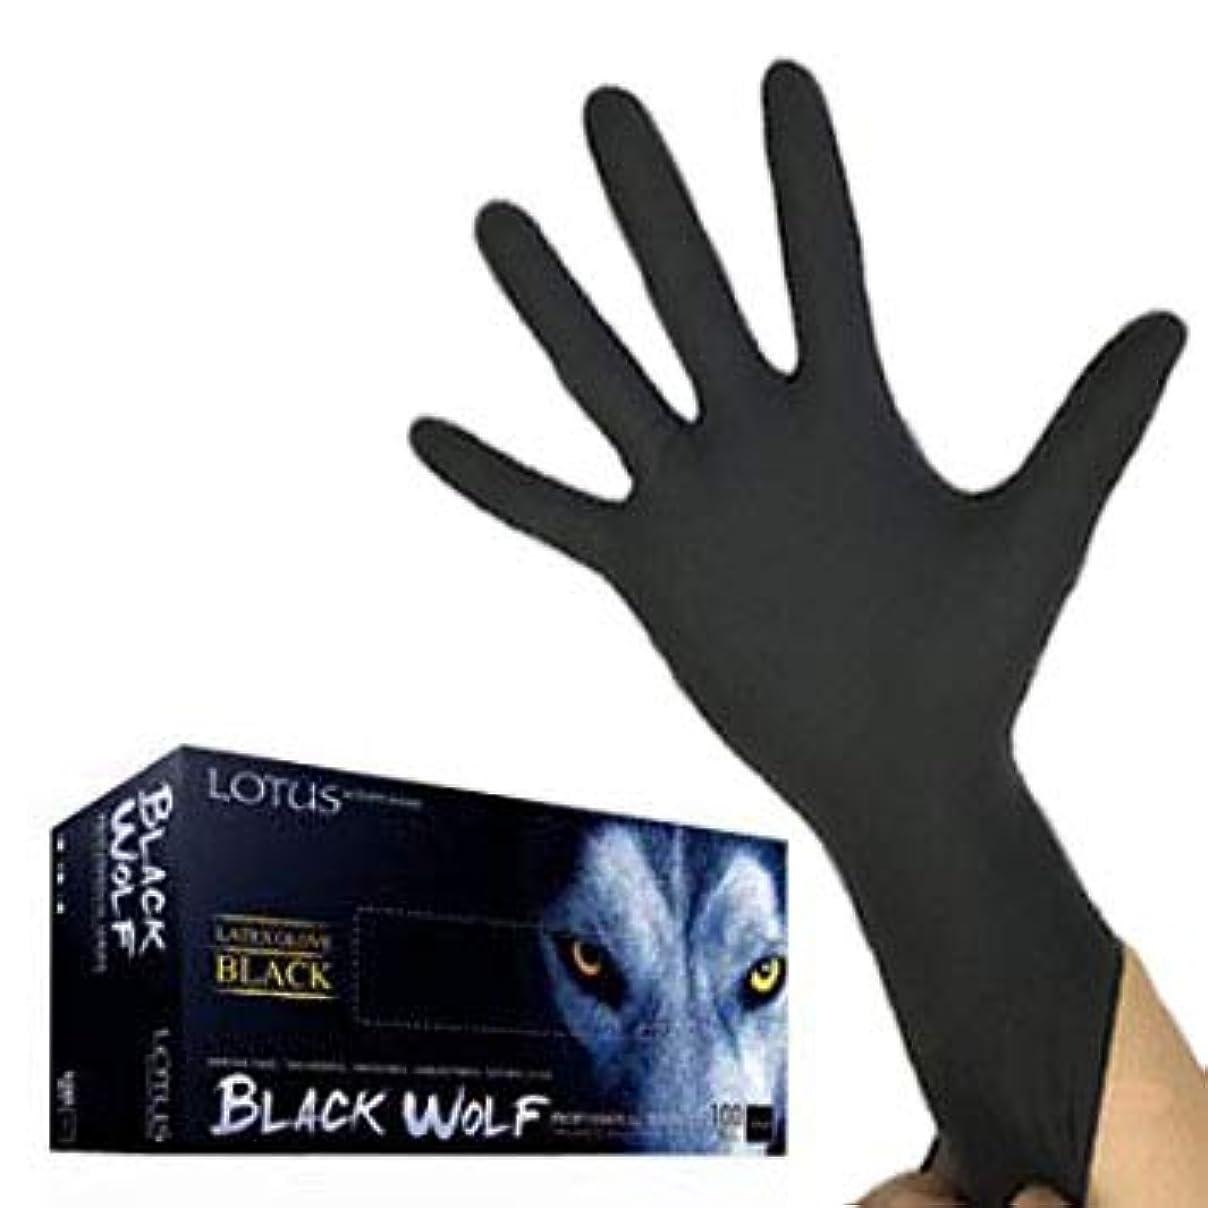 (ロータス)LOTUS ブラックウルフ (ラテックス グローブ 薄手 左右兼用100枚入) (L)